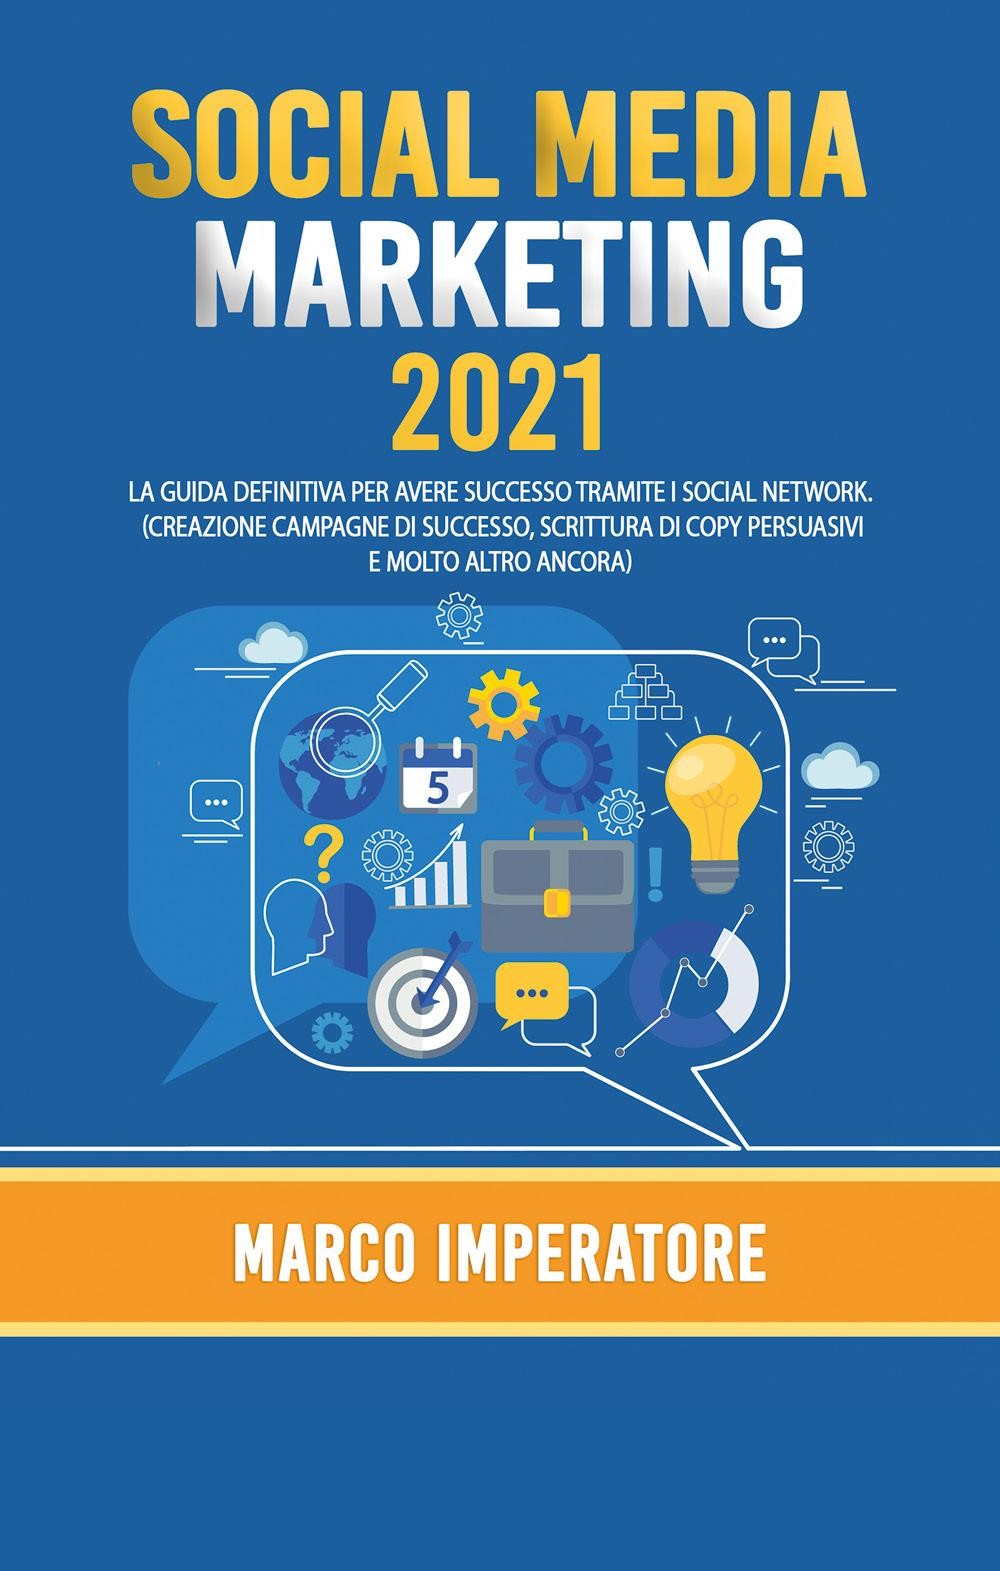 Social Media Marketing 2021.  La guida definitiva per avere successo tramite i social network